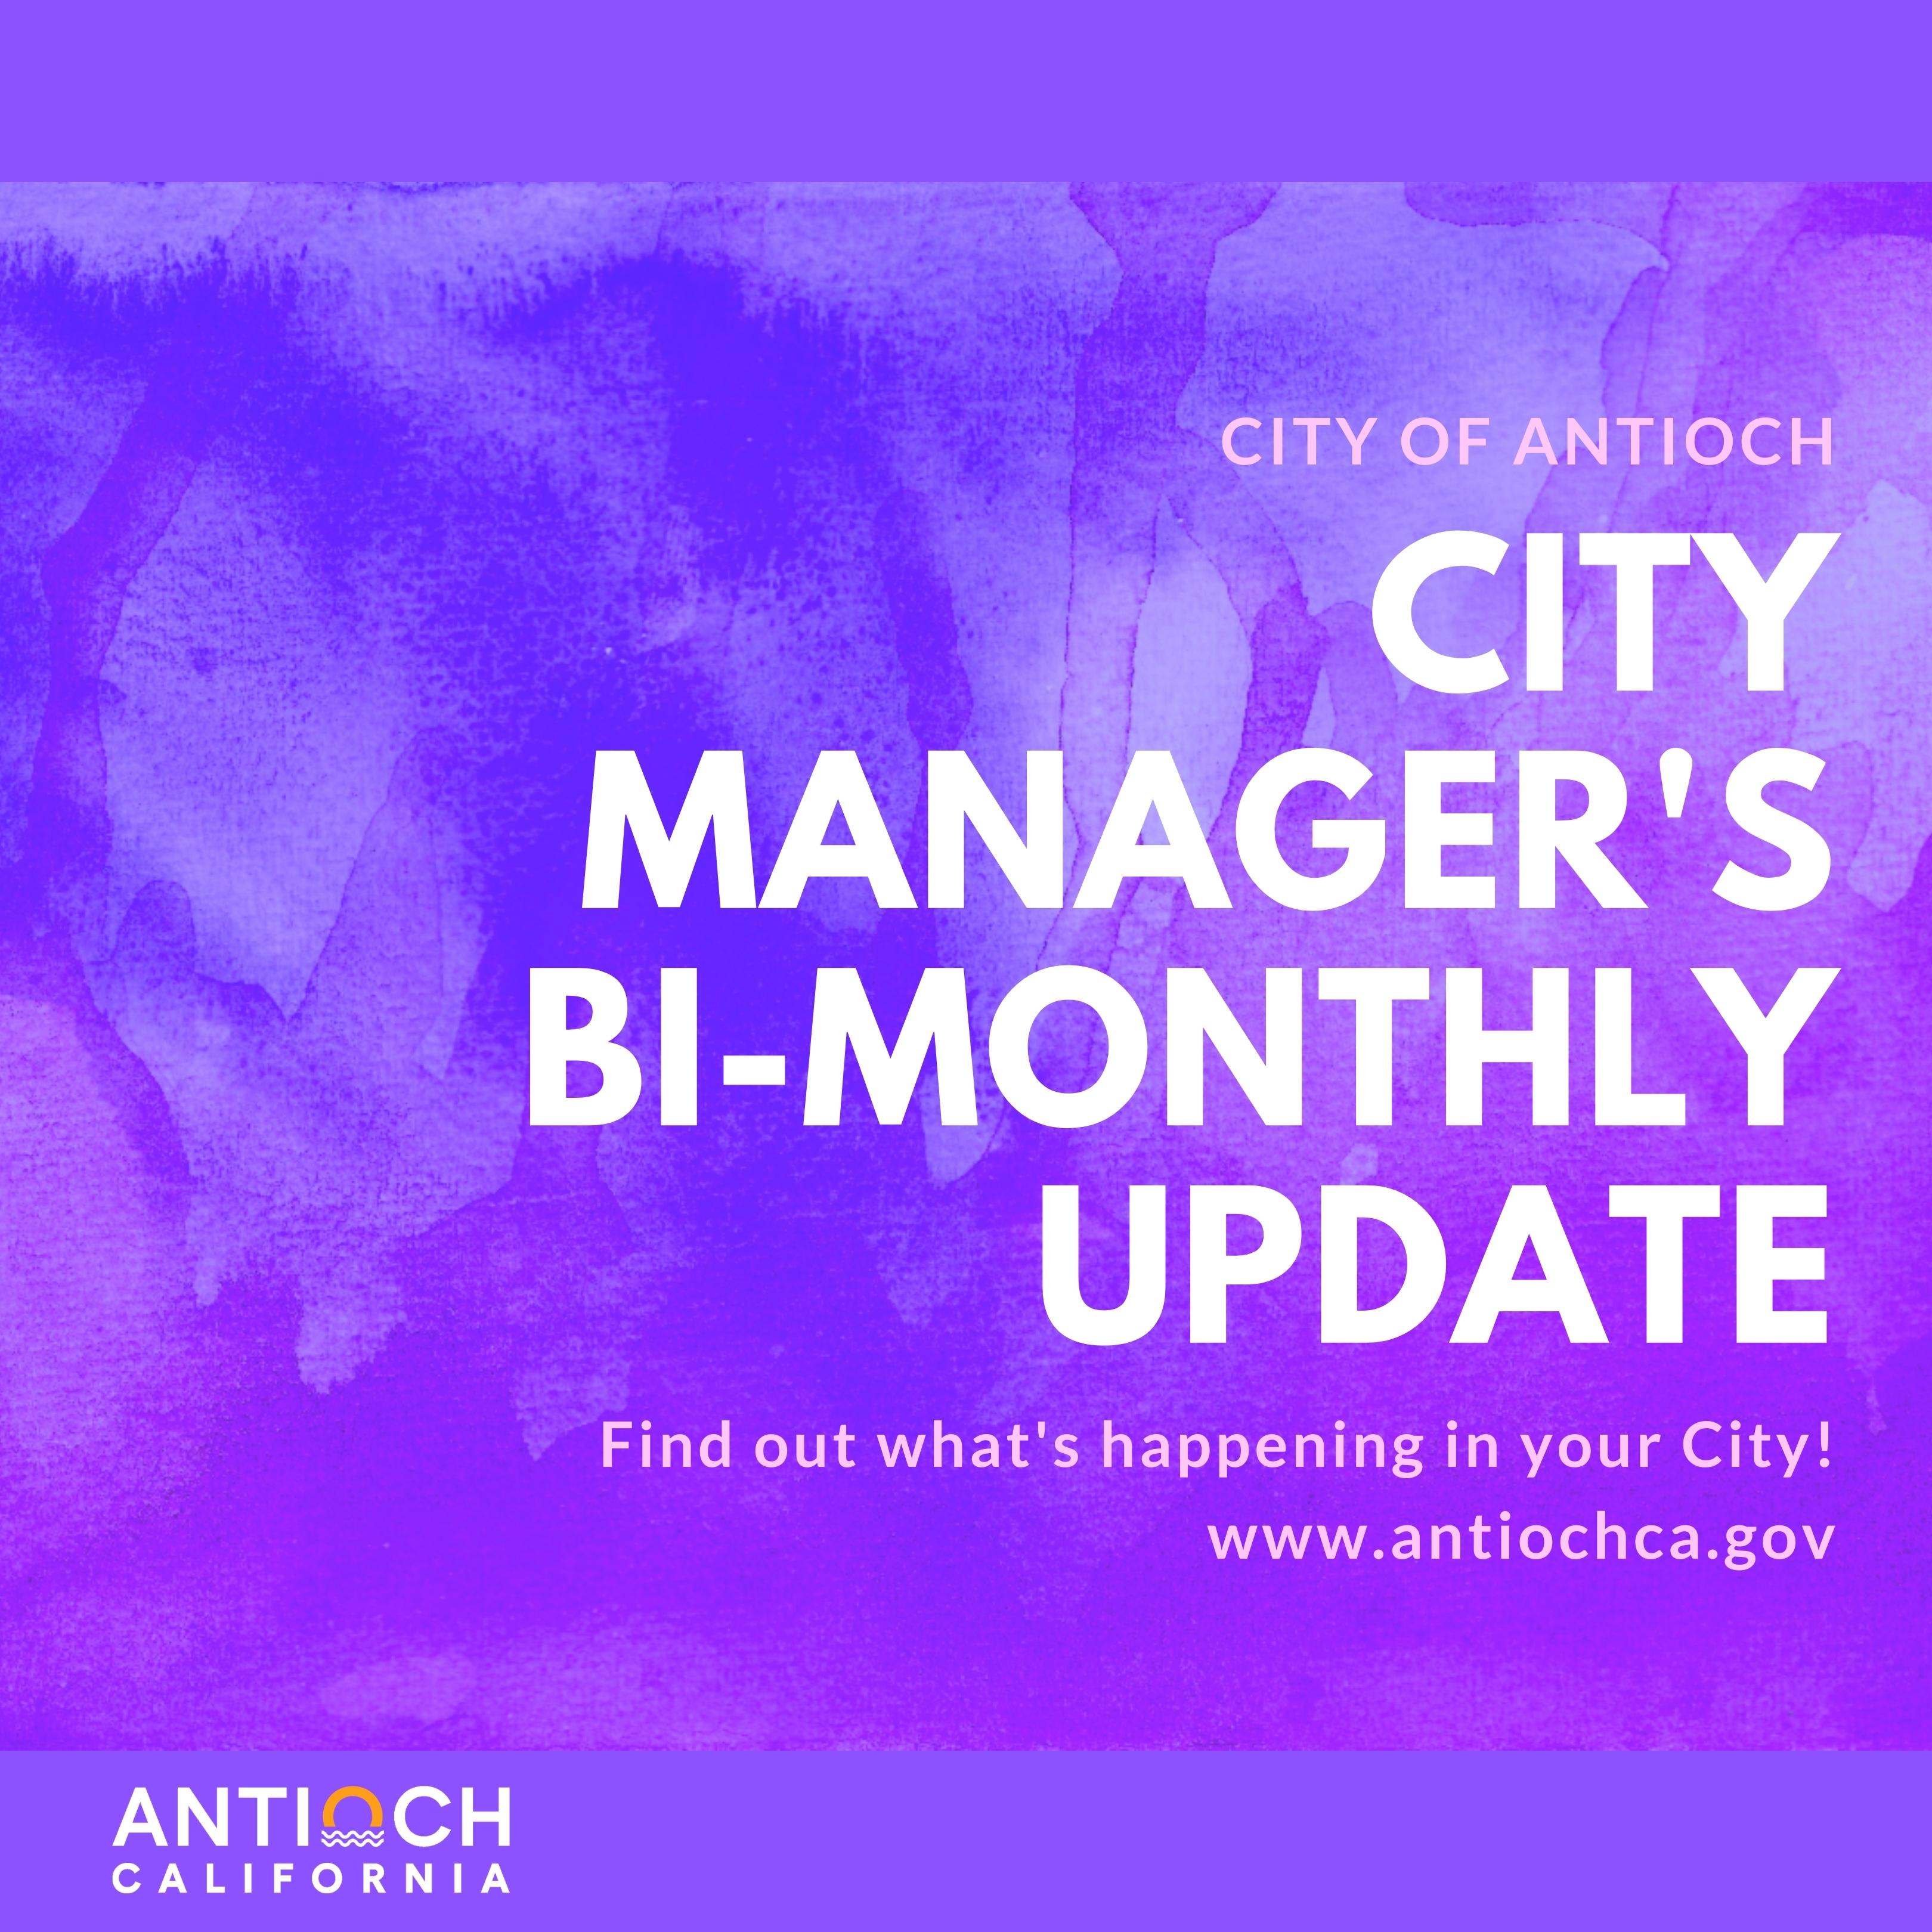 citymanagersbimonthlyupdatepur